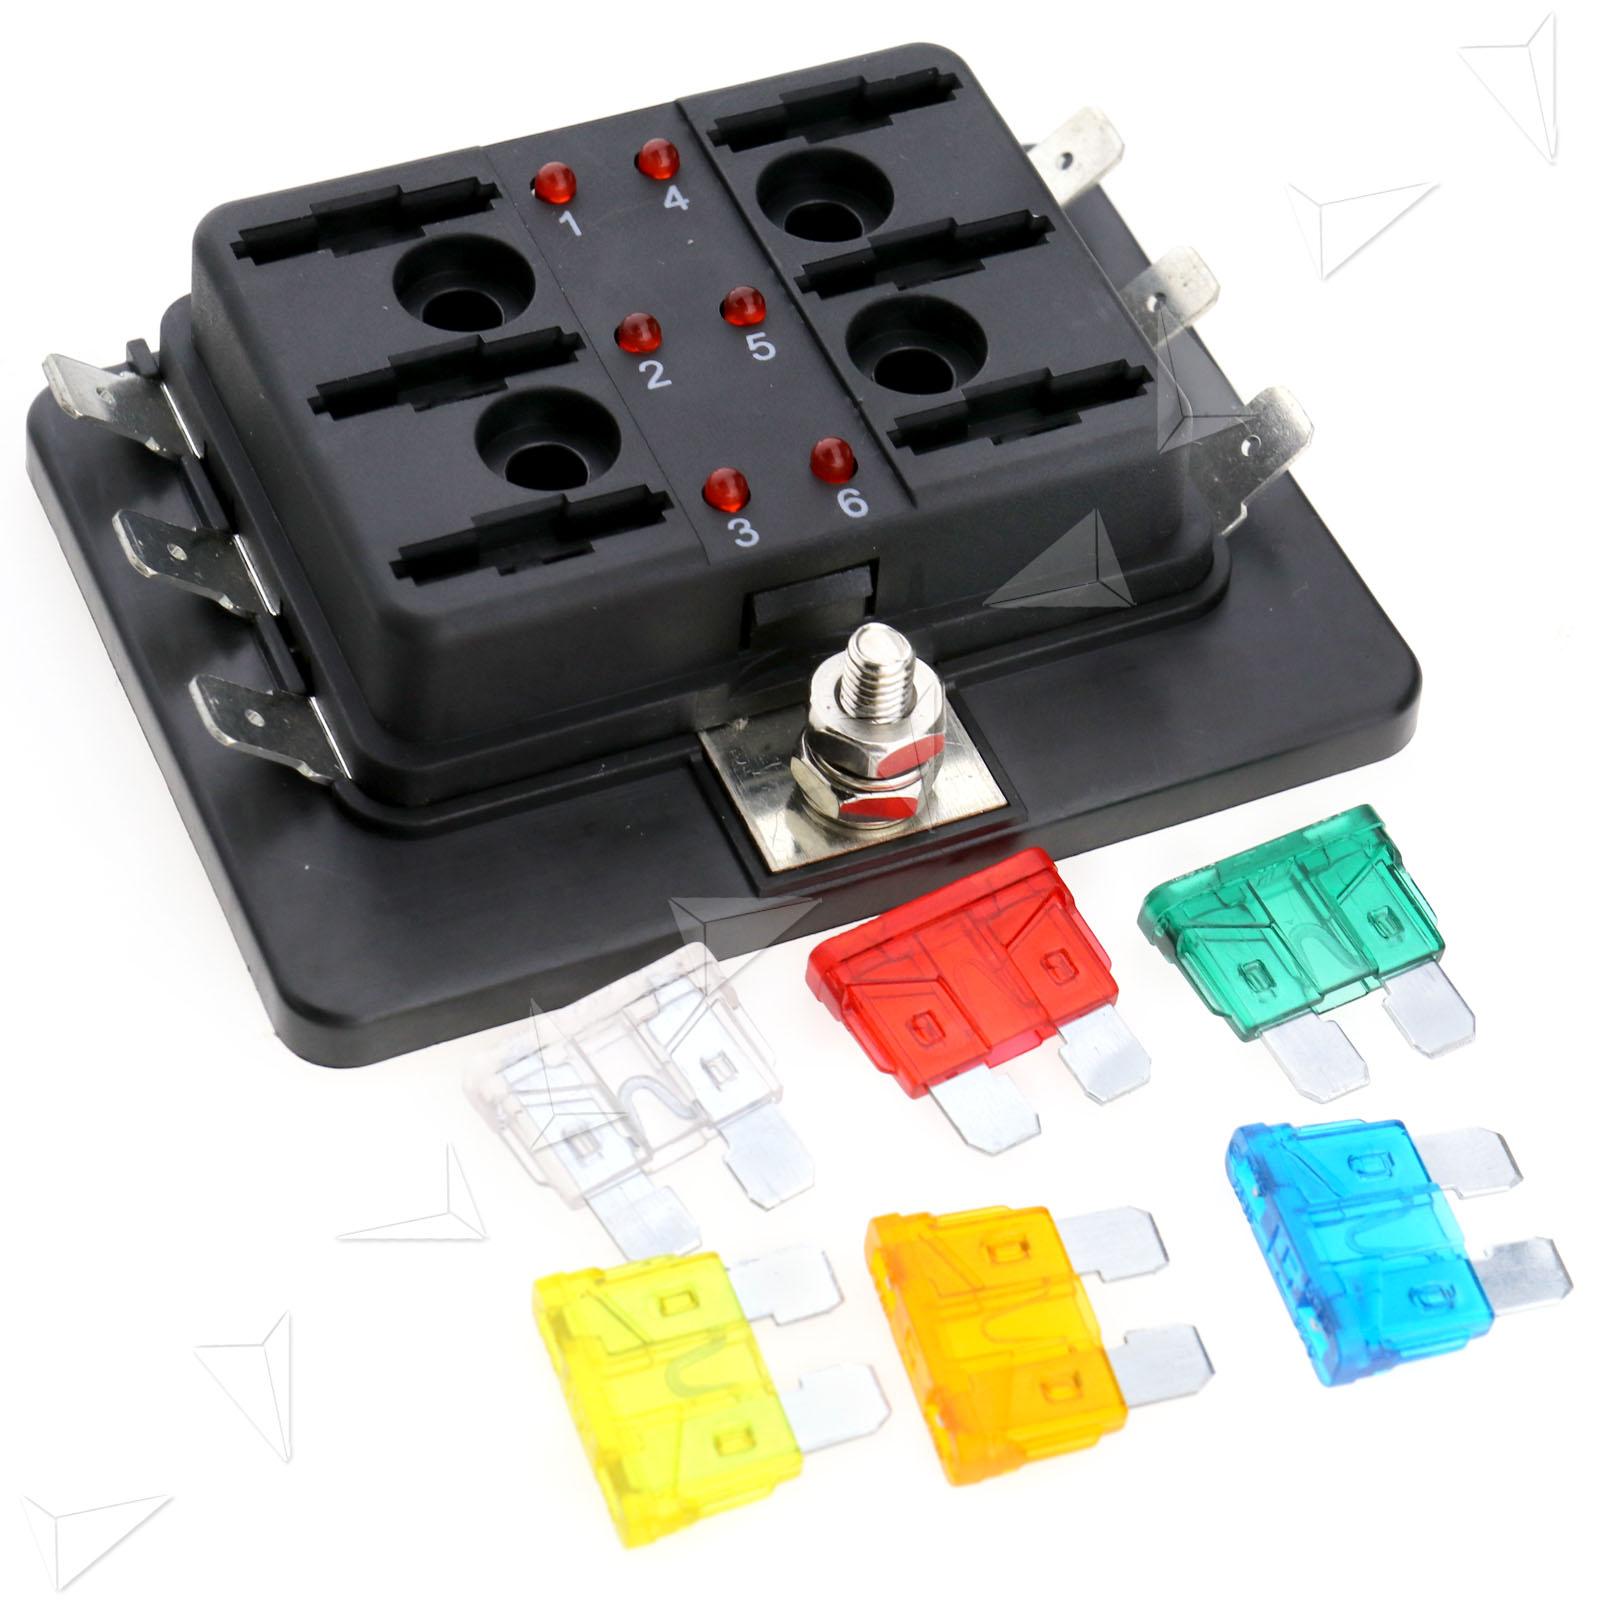 12v Fuse Box Wiring Diagram Lights 24v 6 Way Blade Holder Led Warning Kit Car Race Electric Junction